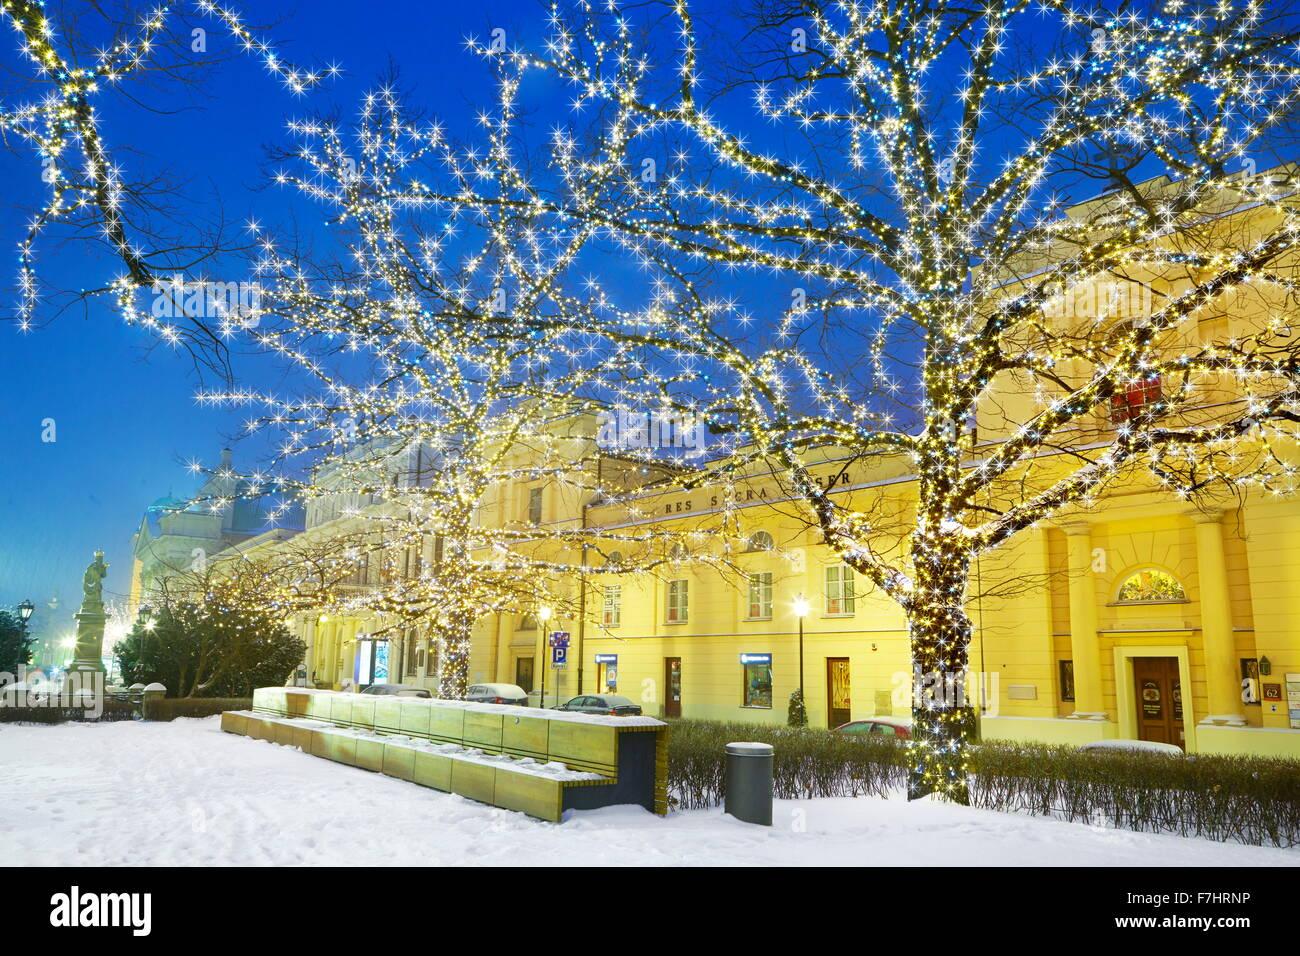 Esterna inverno decorazione di Natale, Varsavia, Polonia Immagini Stock